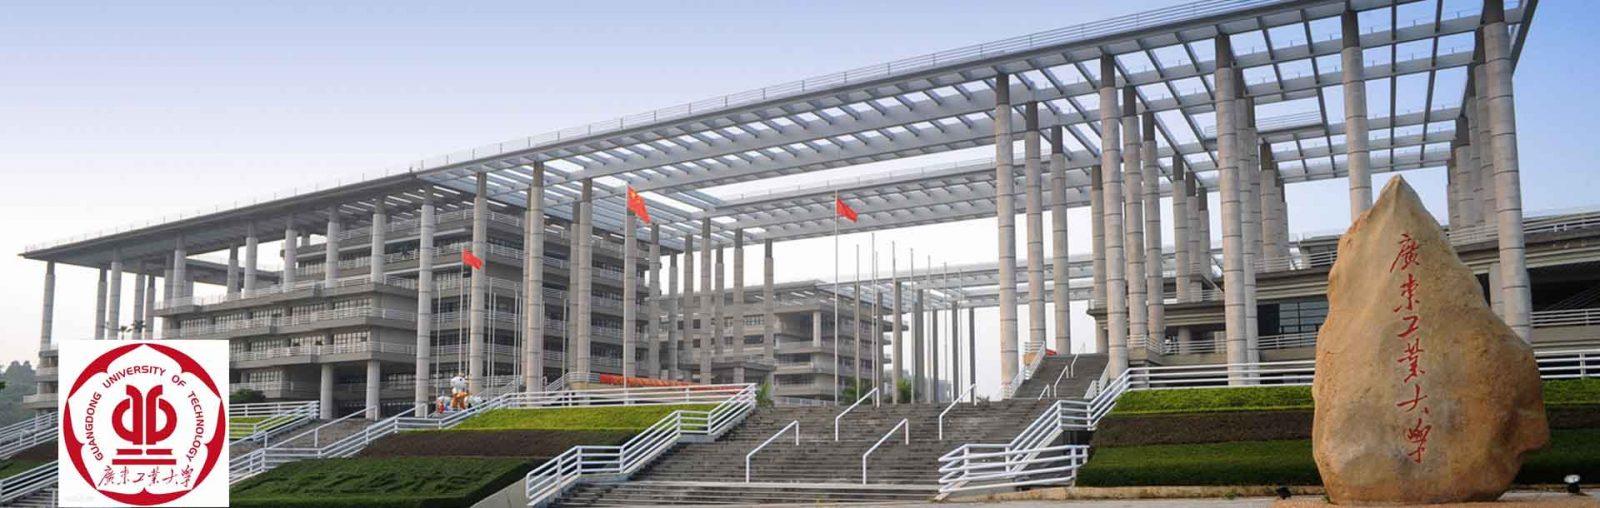 Guangdong University of Technology